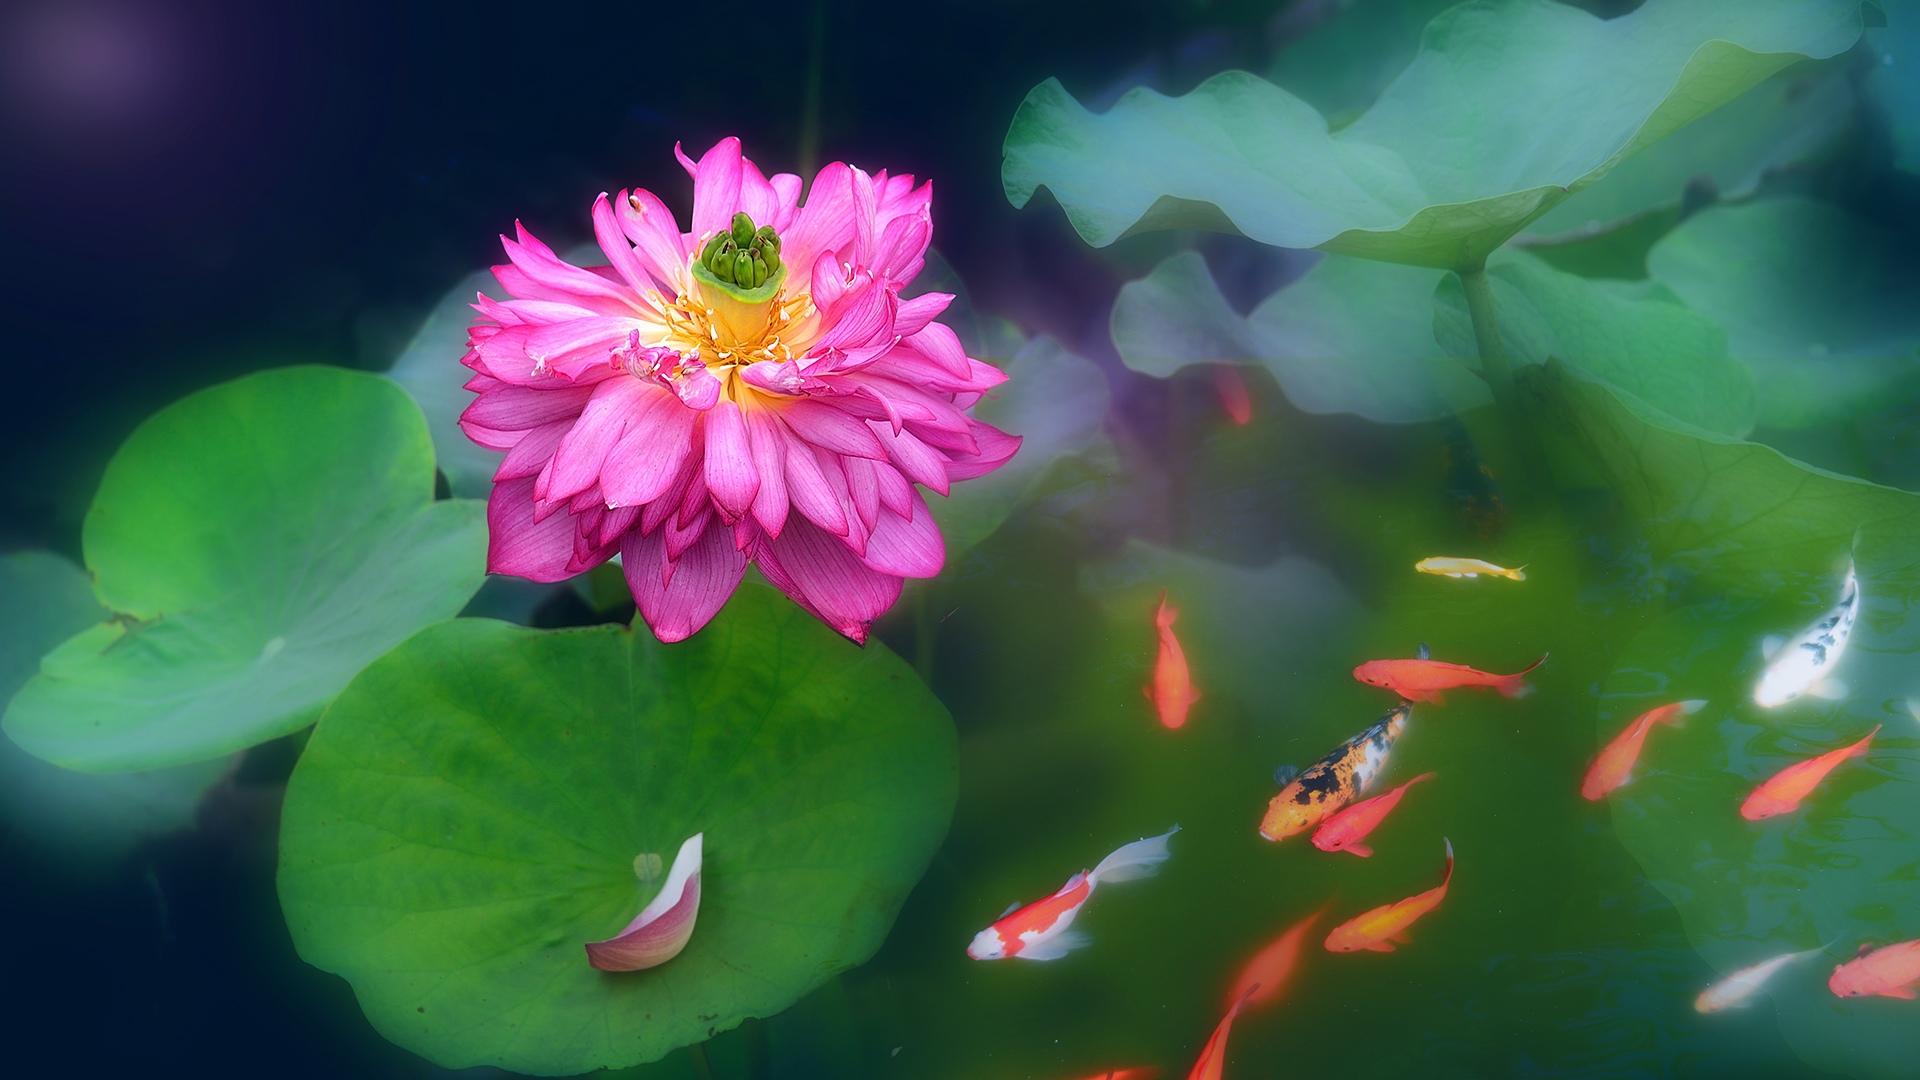 江边鸟作品:鱼戏莲花